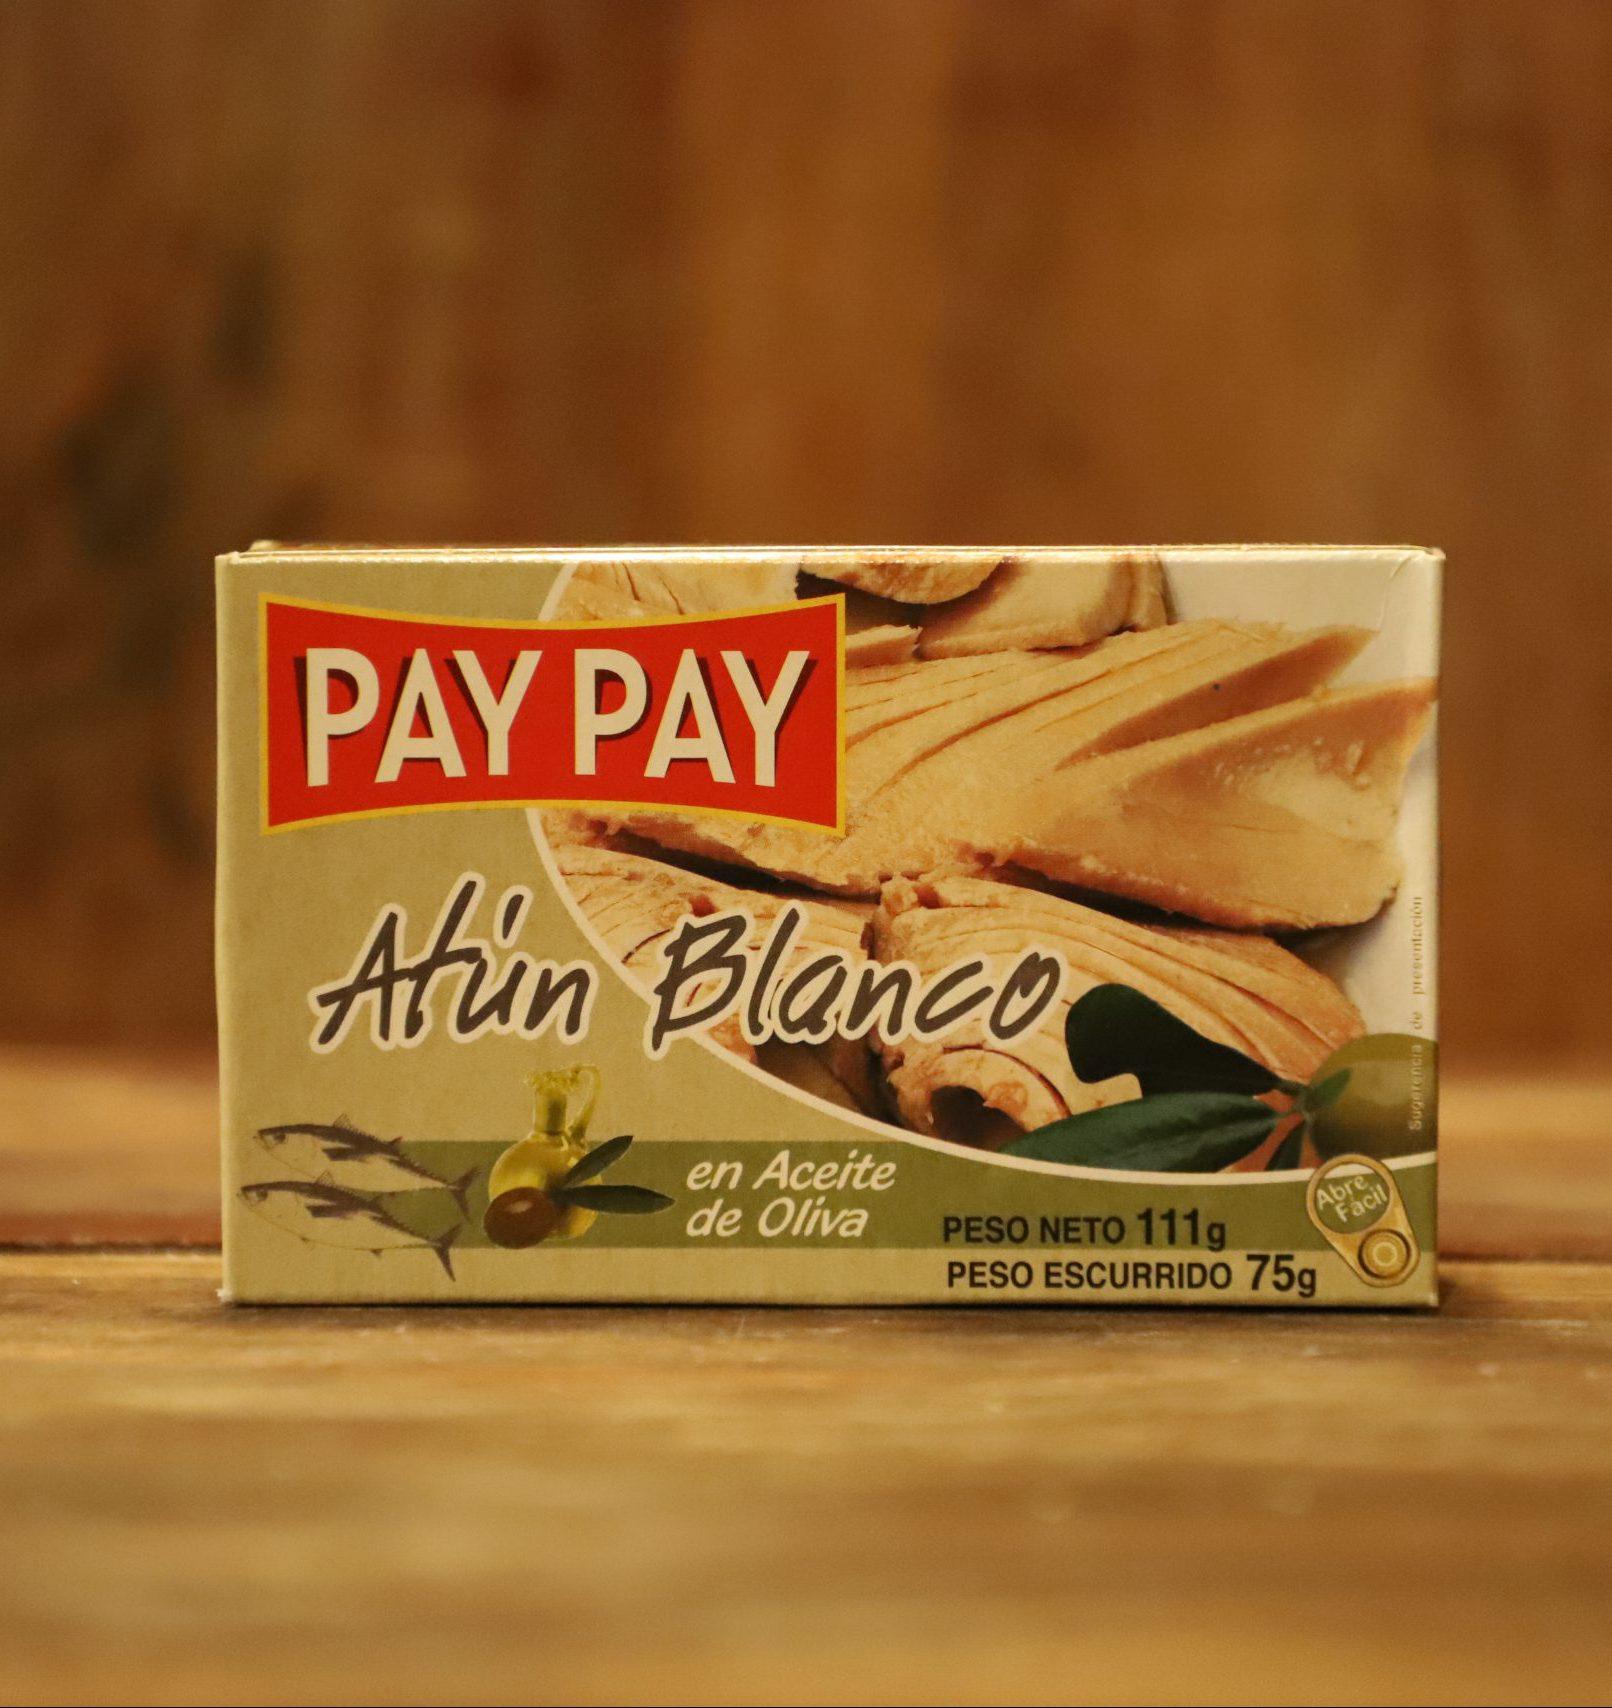 ATÚN BLANCO EN ACEITE DE OLIVA PAY PAY 111g